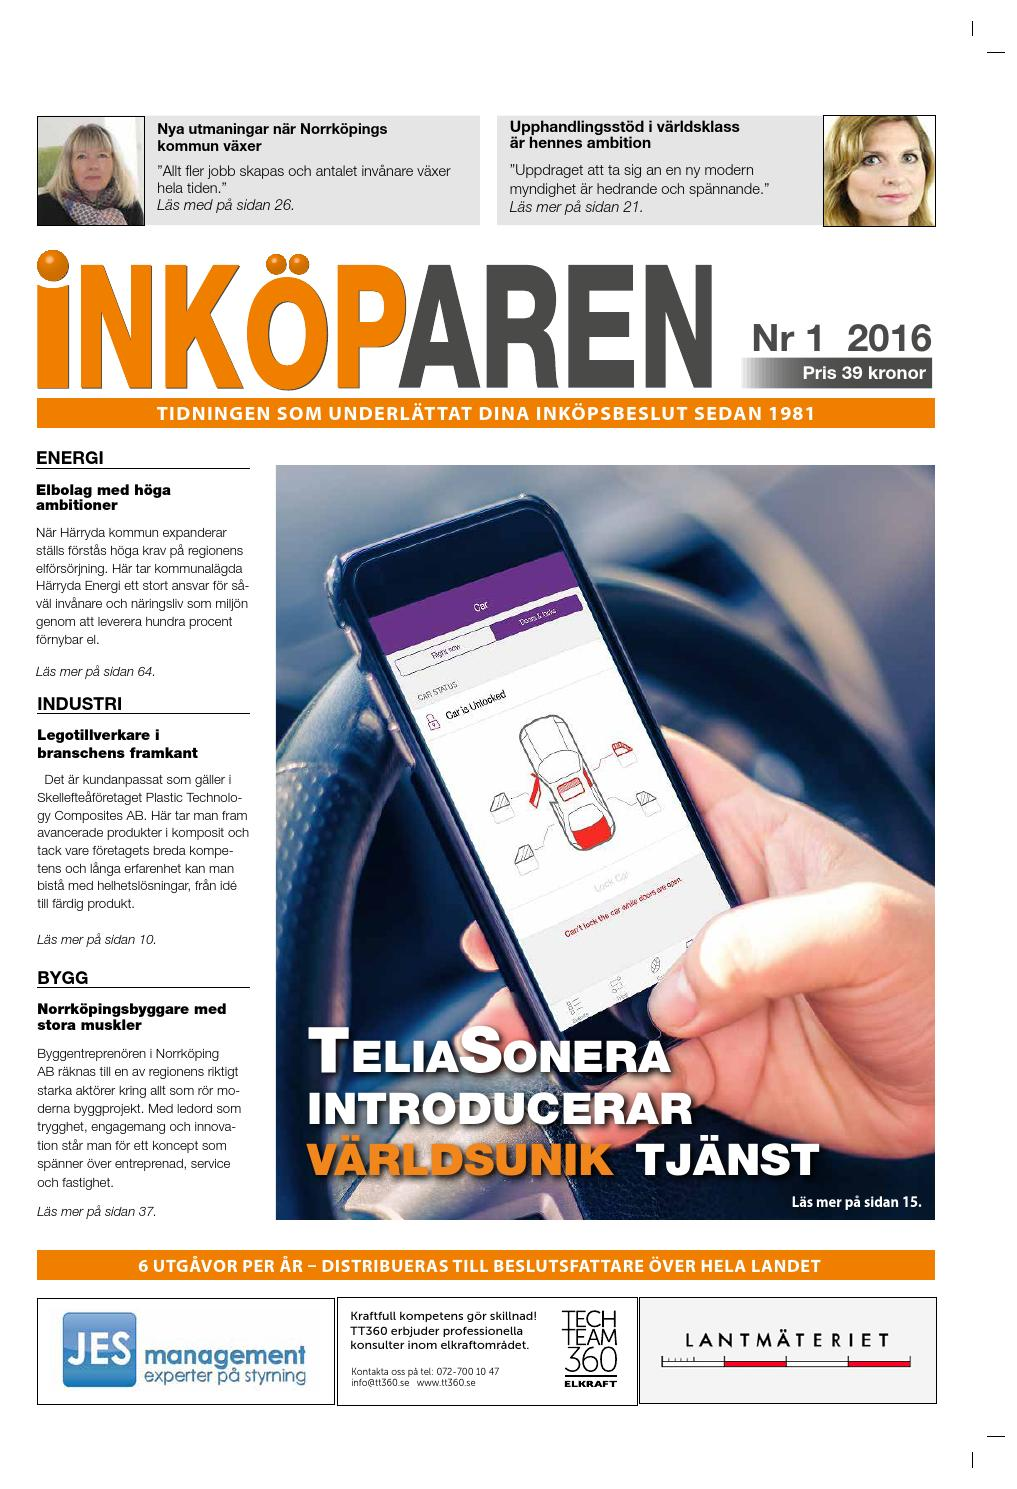 Wm data koper finsk datakonsult